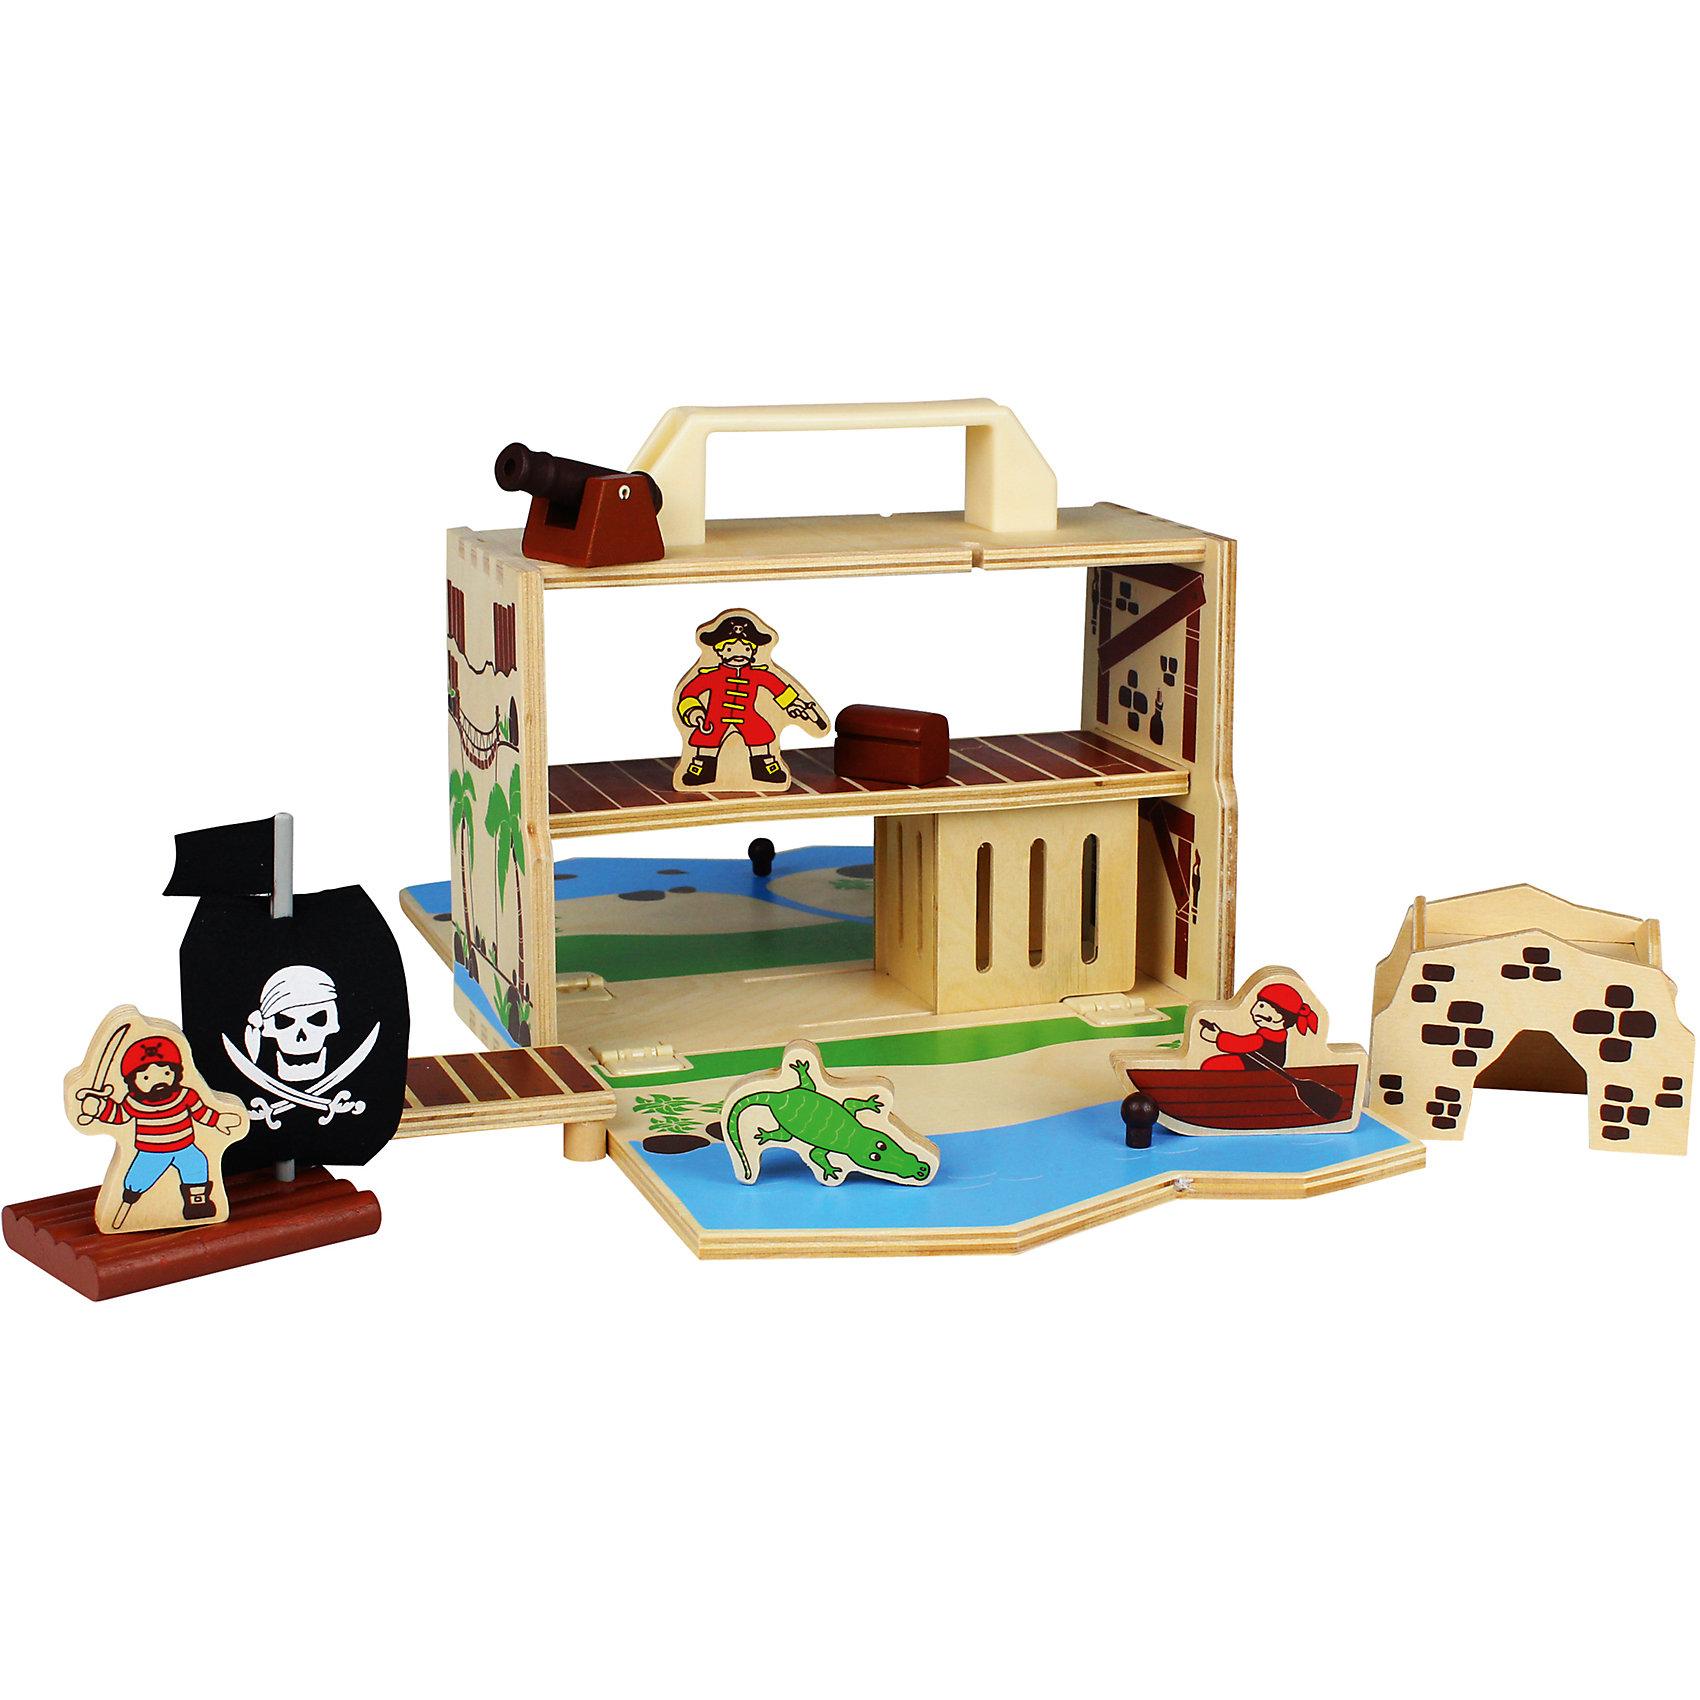 Пиратский остров, ZenitПиратский корабль, Zenit, со множеством игровых возможностей обязательно понравится Вашему ребенку. Компания Zenit Wooden Toys - всемирно известный производитель высококачественных товаров из дерева. Все детские товары этой марки отвечают самым высоким стандартам качества и безопасности. В комплекте Вы найдете детали для сборки настоящего пиратского корабля и различные аксессуары к нему. Красочный деревянный корабль оснащен пушками, штурвалом и мачтой с черным парусом. Люк на палубе ведет в секретное помещение где капитан-пират хранит свои сокровища. Игрушка развивает фантазию и воображение, тренирует мелкую моторику.<br><br>Дополнительная информация:<br><br>- В комплекте: детали для сборки корабля, две фигурки пиратов, аксессуары.<br>- Материал: древесина, ДСП.<br>- Размер упаковки: 26 х 20 х 14 см. <br>- Вес: 2 кг. <br><br>Пиратский корабль, Zenit, можно купить в нашем интернет-магазине.<br><br>Ширина мм: 260<br>Глубина мм: 200<br>Высота мм: 140<br>Вес г: 2000<br>Возраст от месяцев: 36<br>Возраст до месяцев: 96<br>Пол: Унисекс<br>Возраст: Детский<br>SKU: 4248713